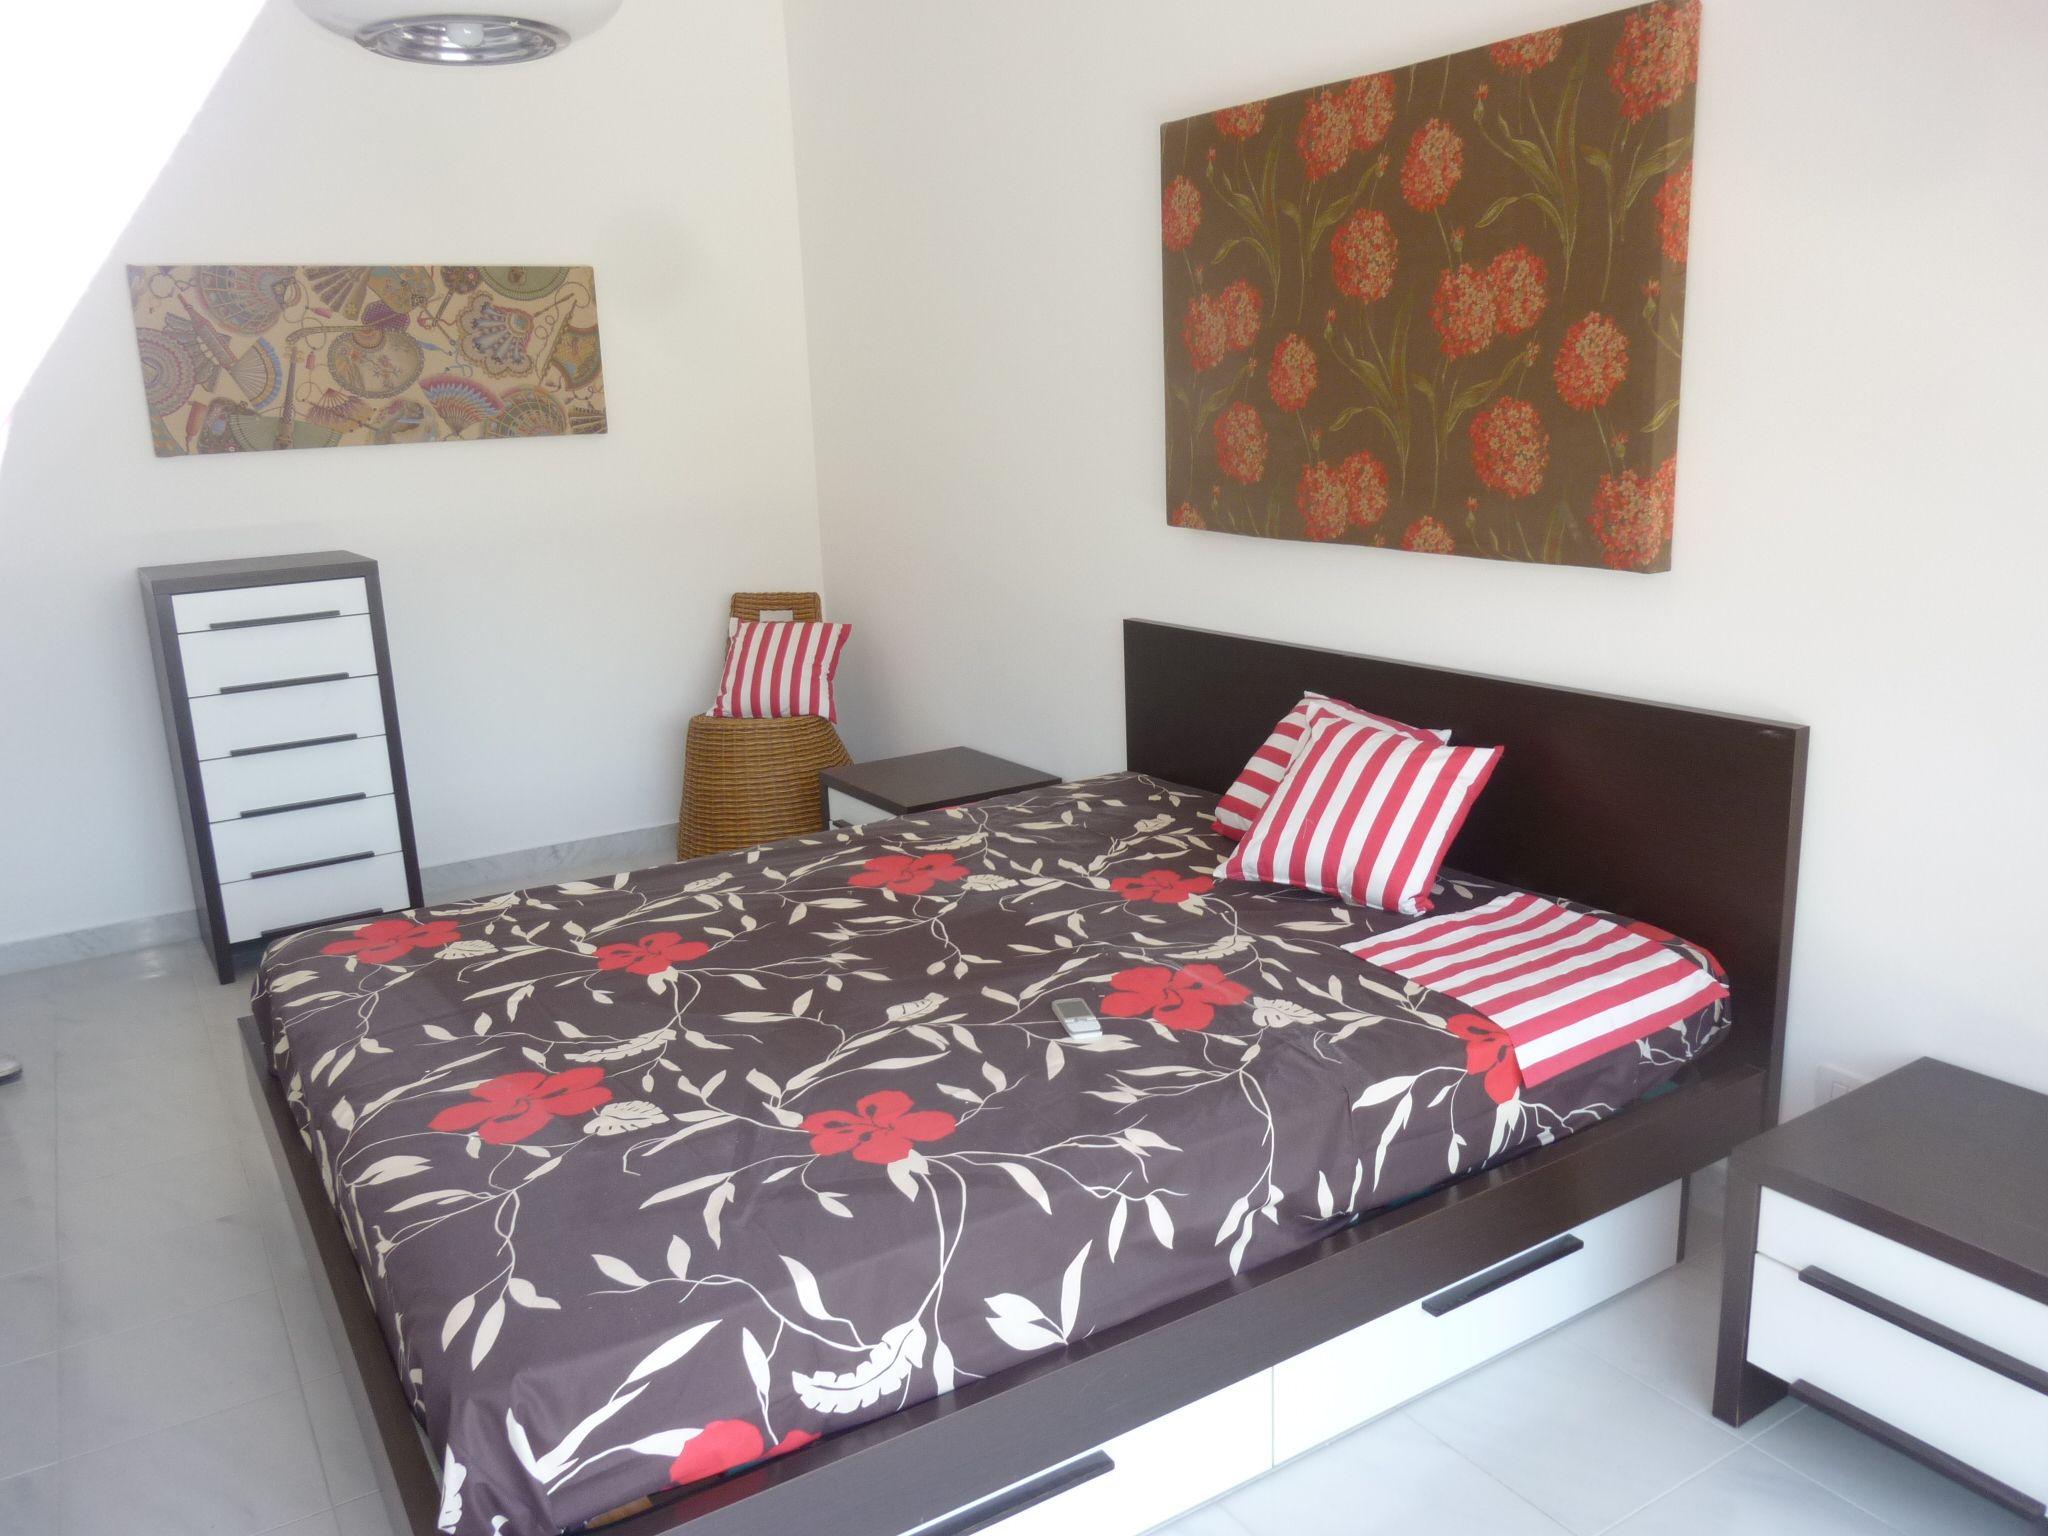 affitto casa vacanze mare palermo 8277 (20130806120850-2013-19225-NDP.JPG)